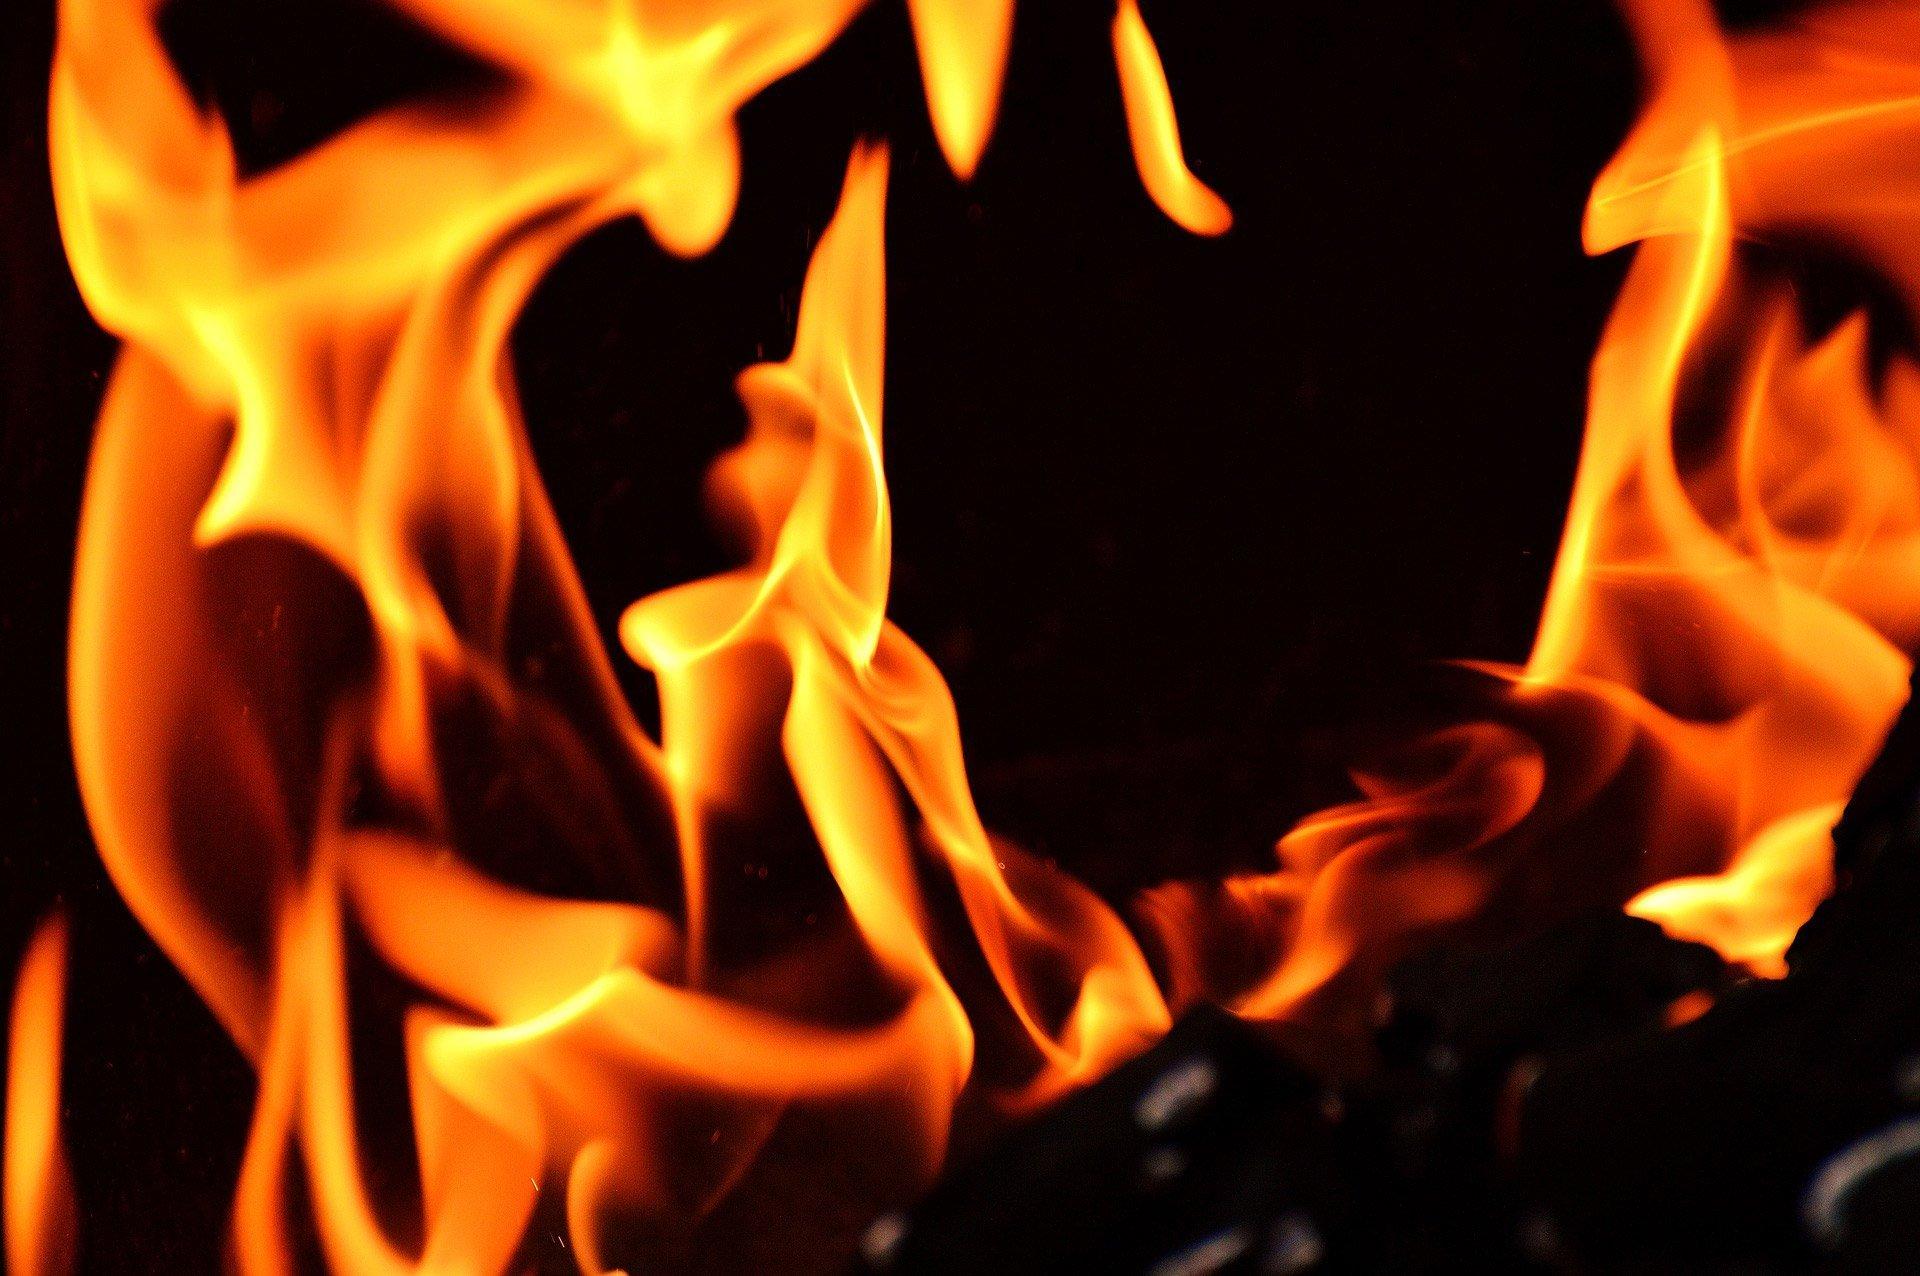 fire background bbq restaurant